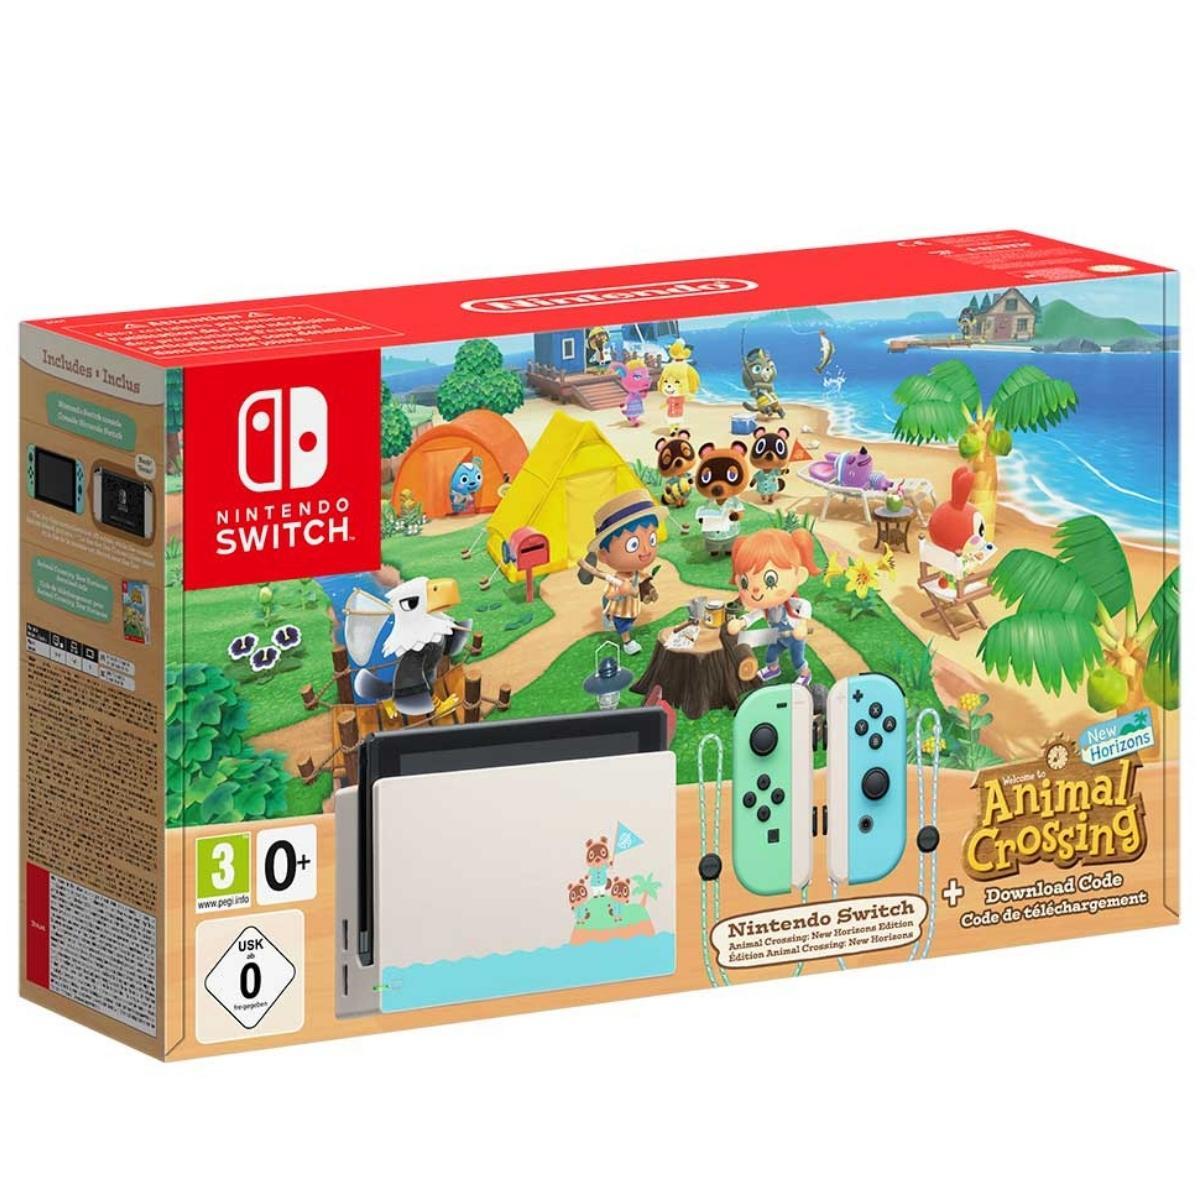 קונסולה Nintendo Swtich Animal Crossing v1.1